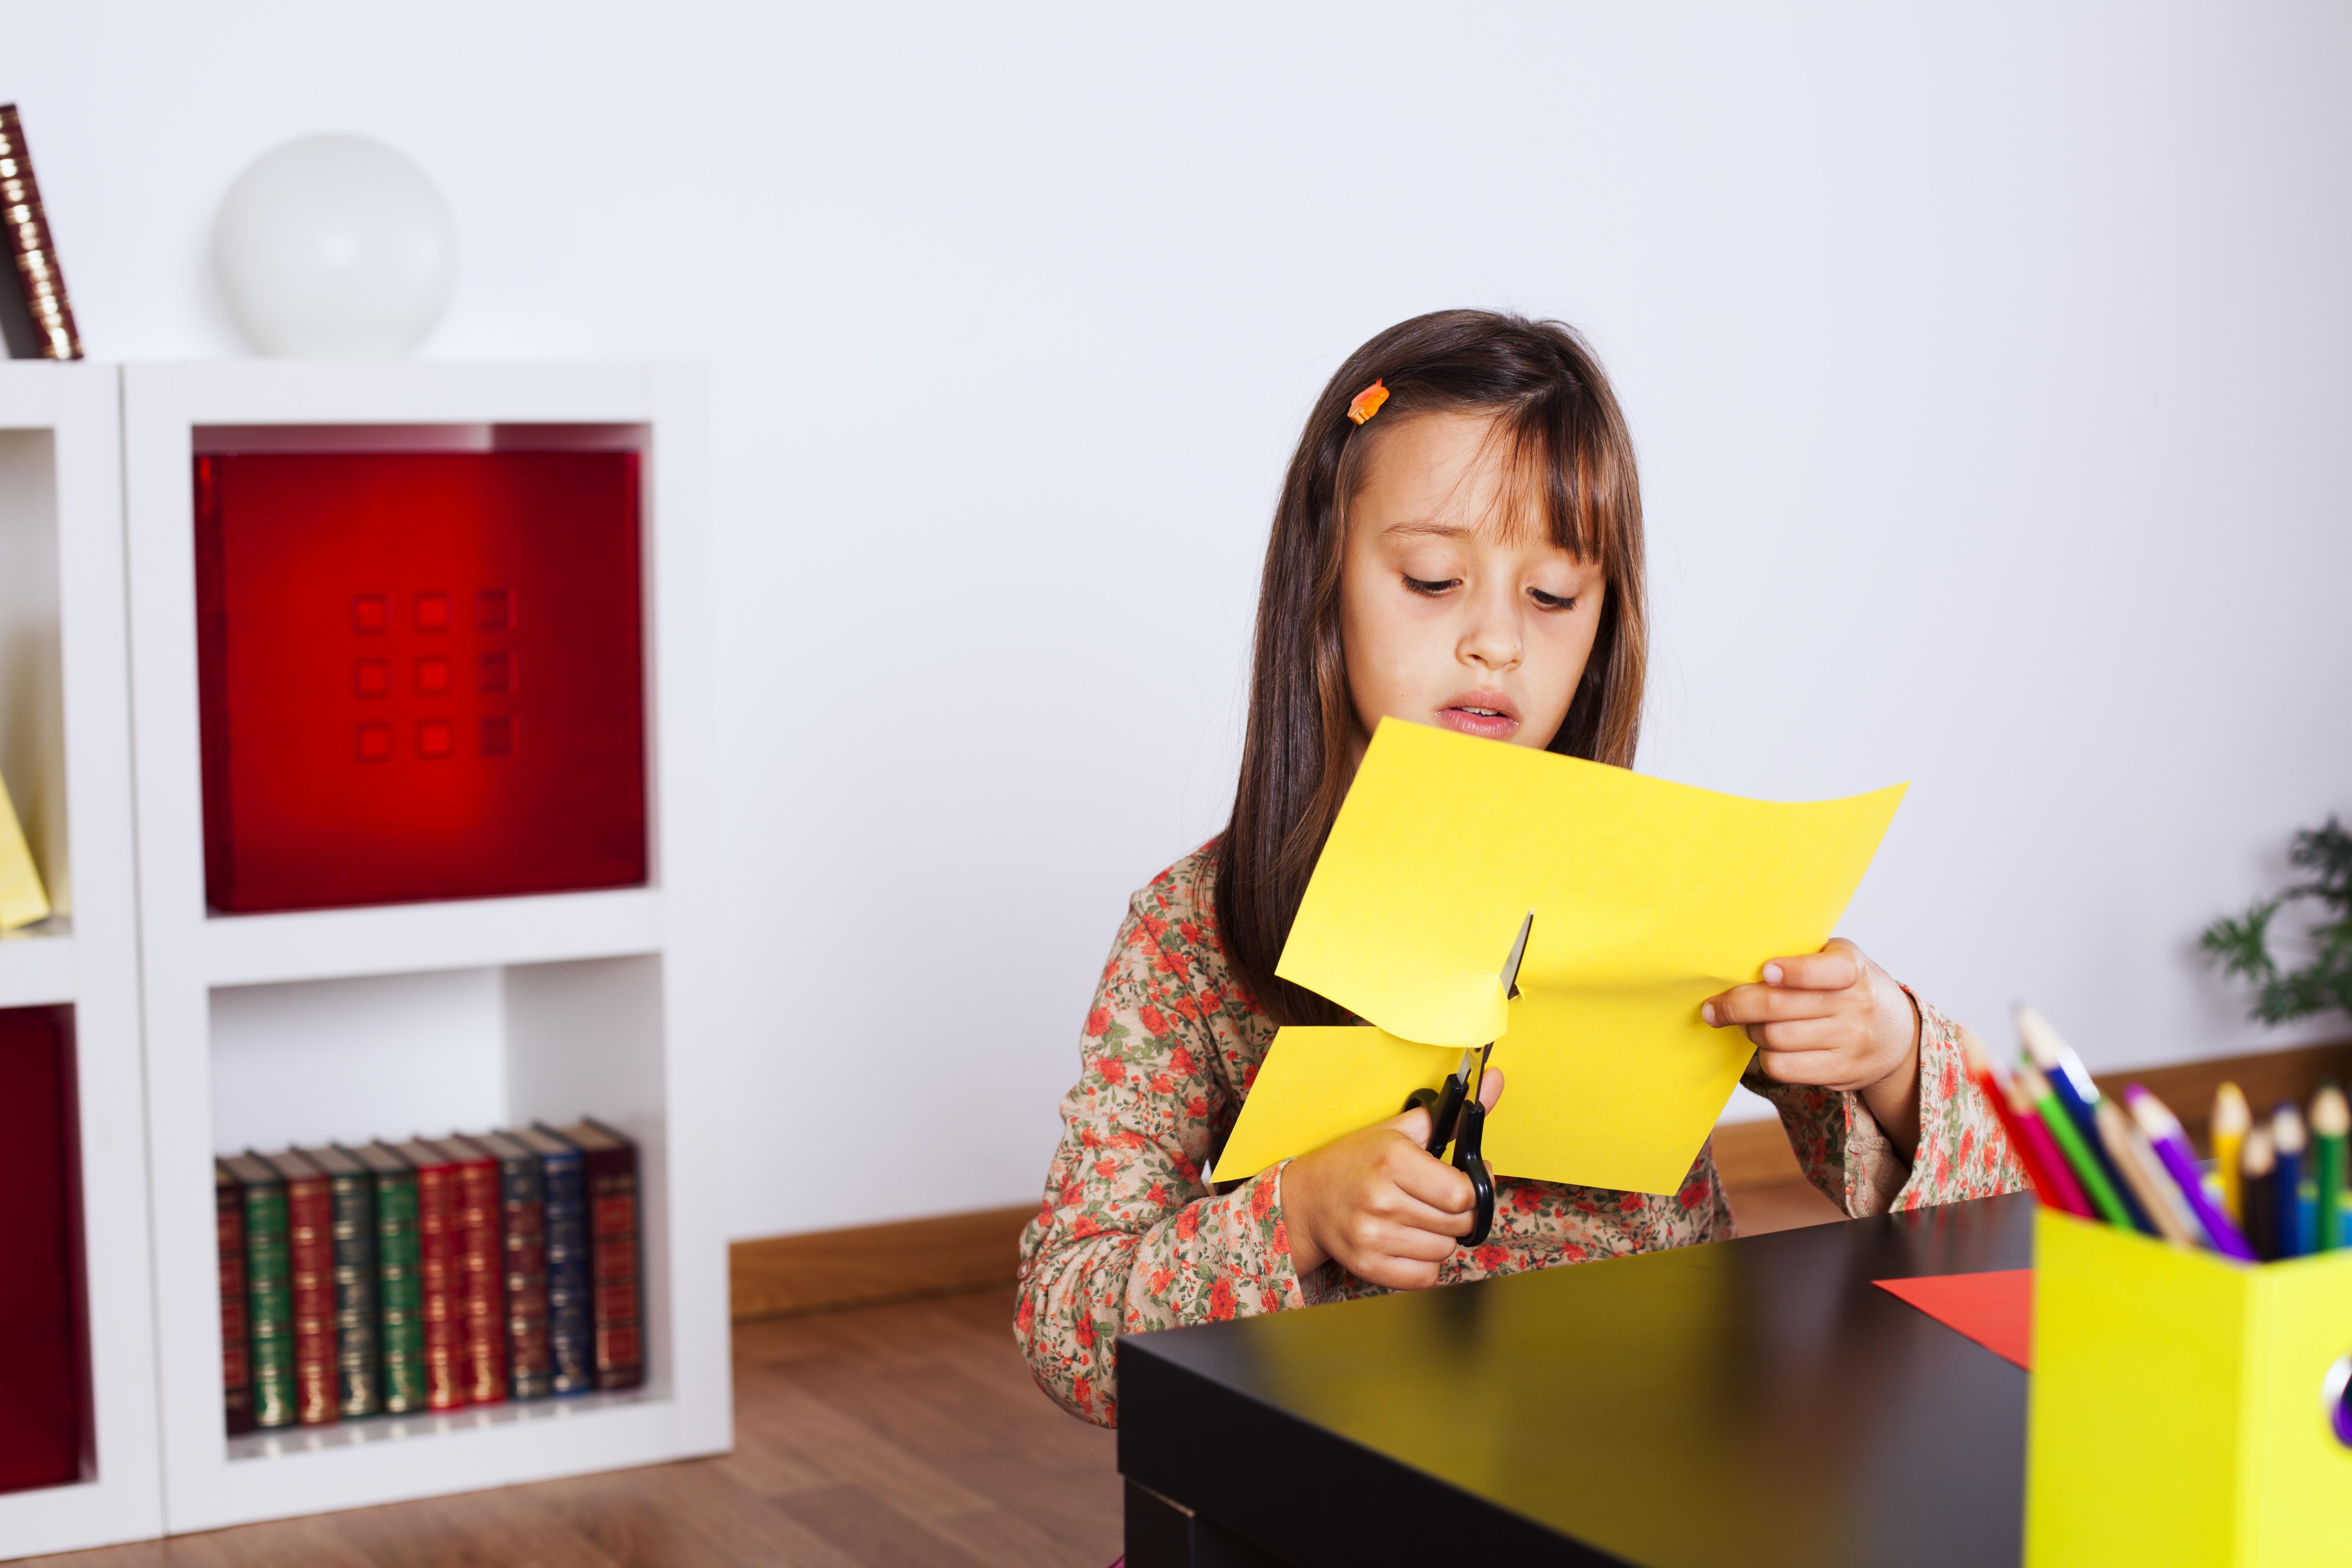 École à la maison, un droit qui n'en sera plus un ?